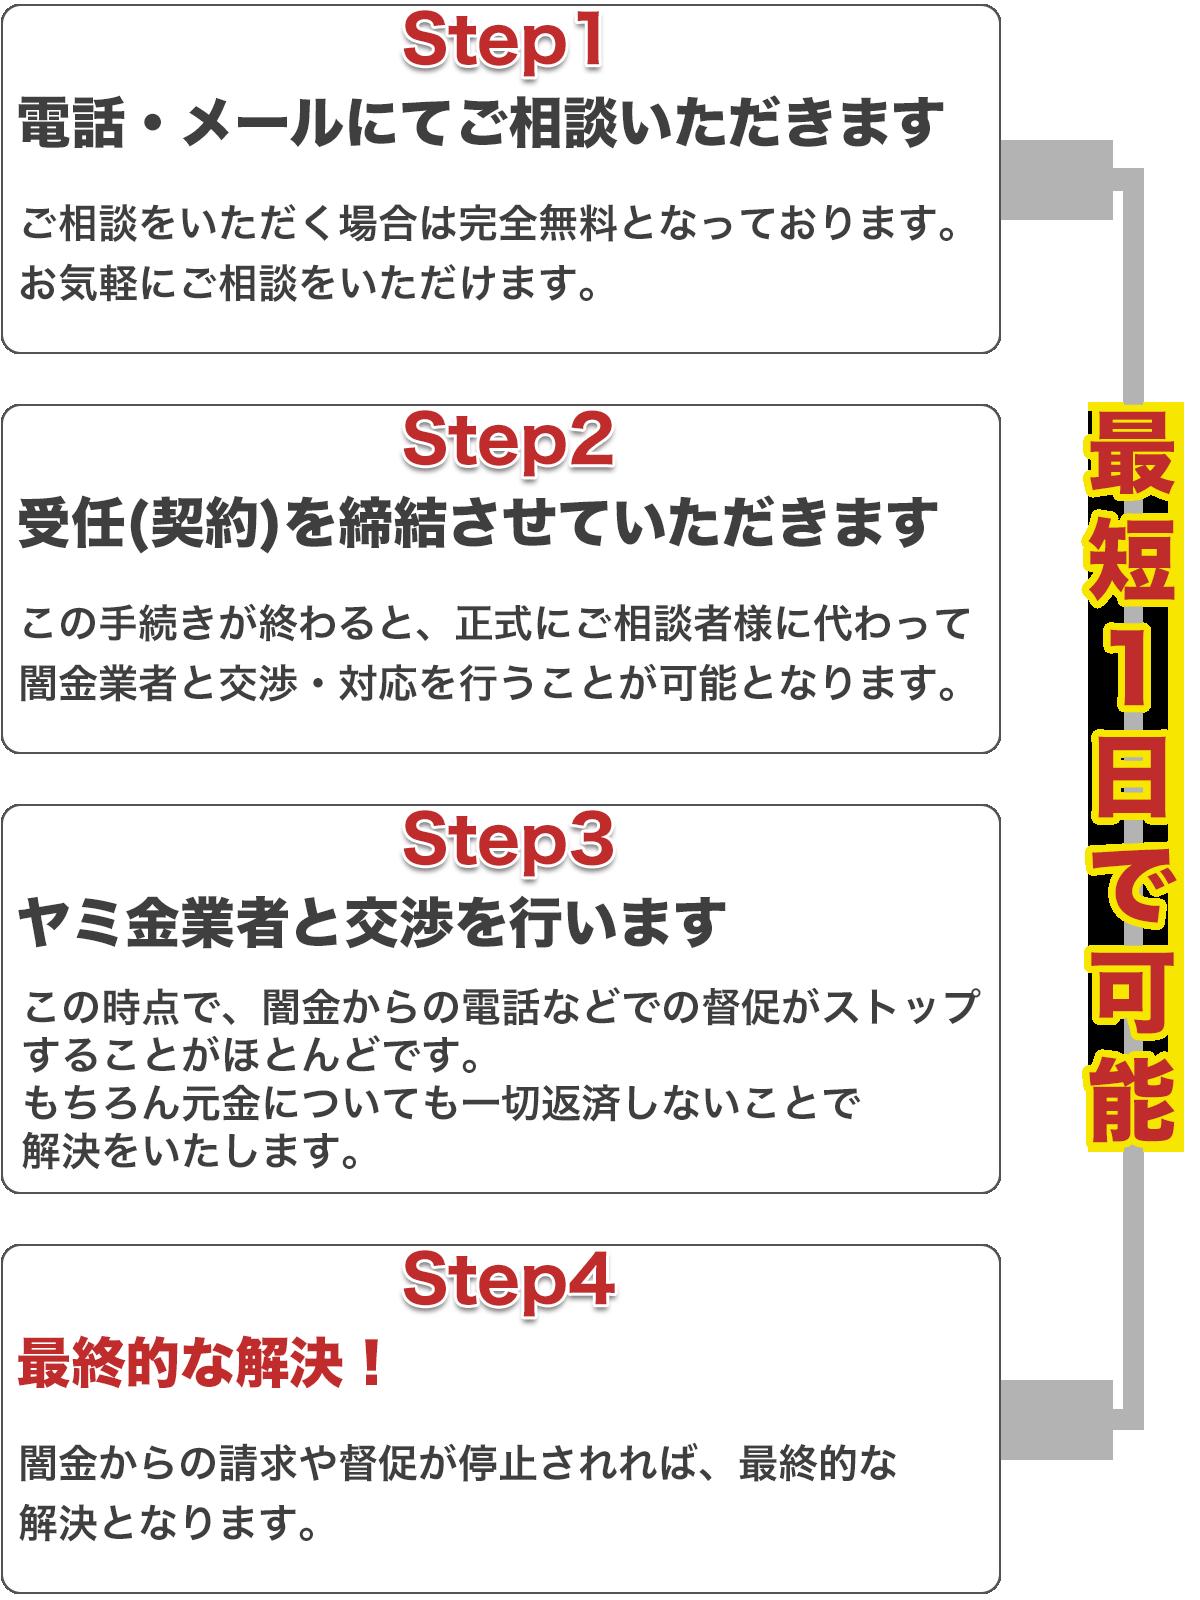 東京 ヤミ 金 相談